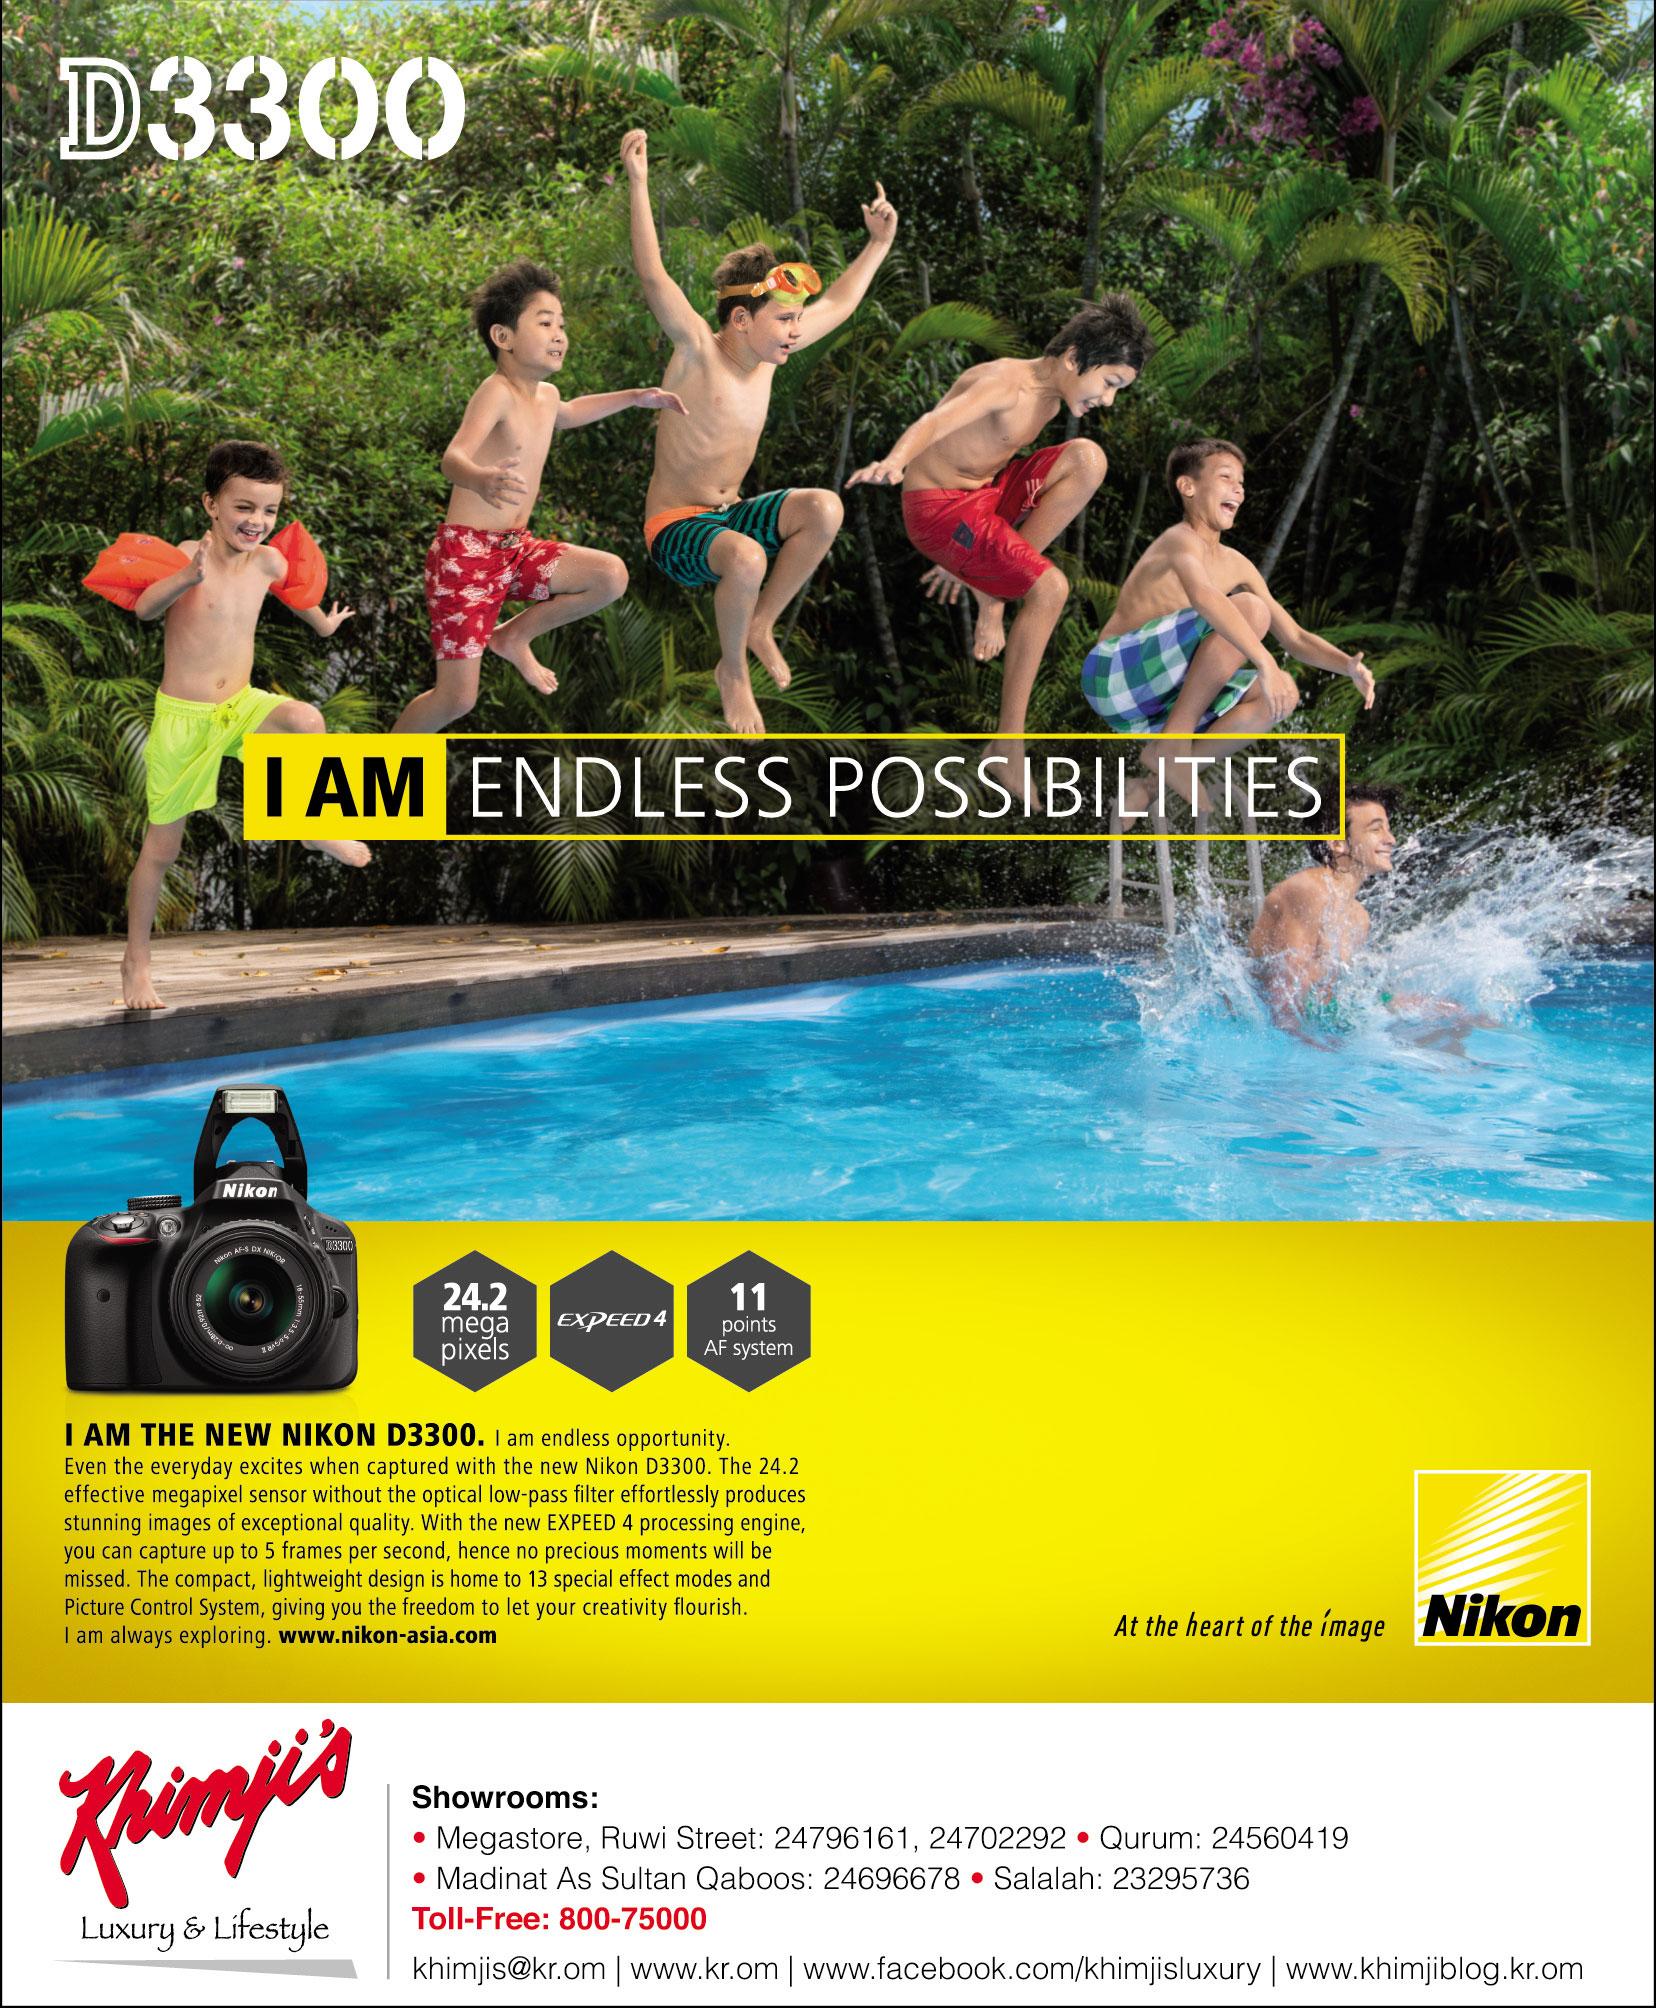 Nikon D:3300 I am endless possibilities